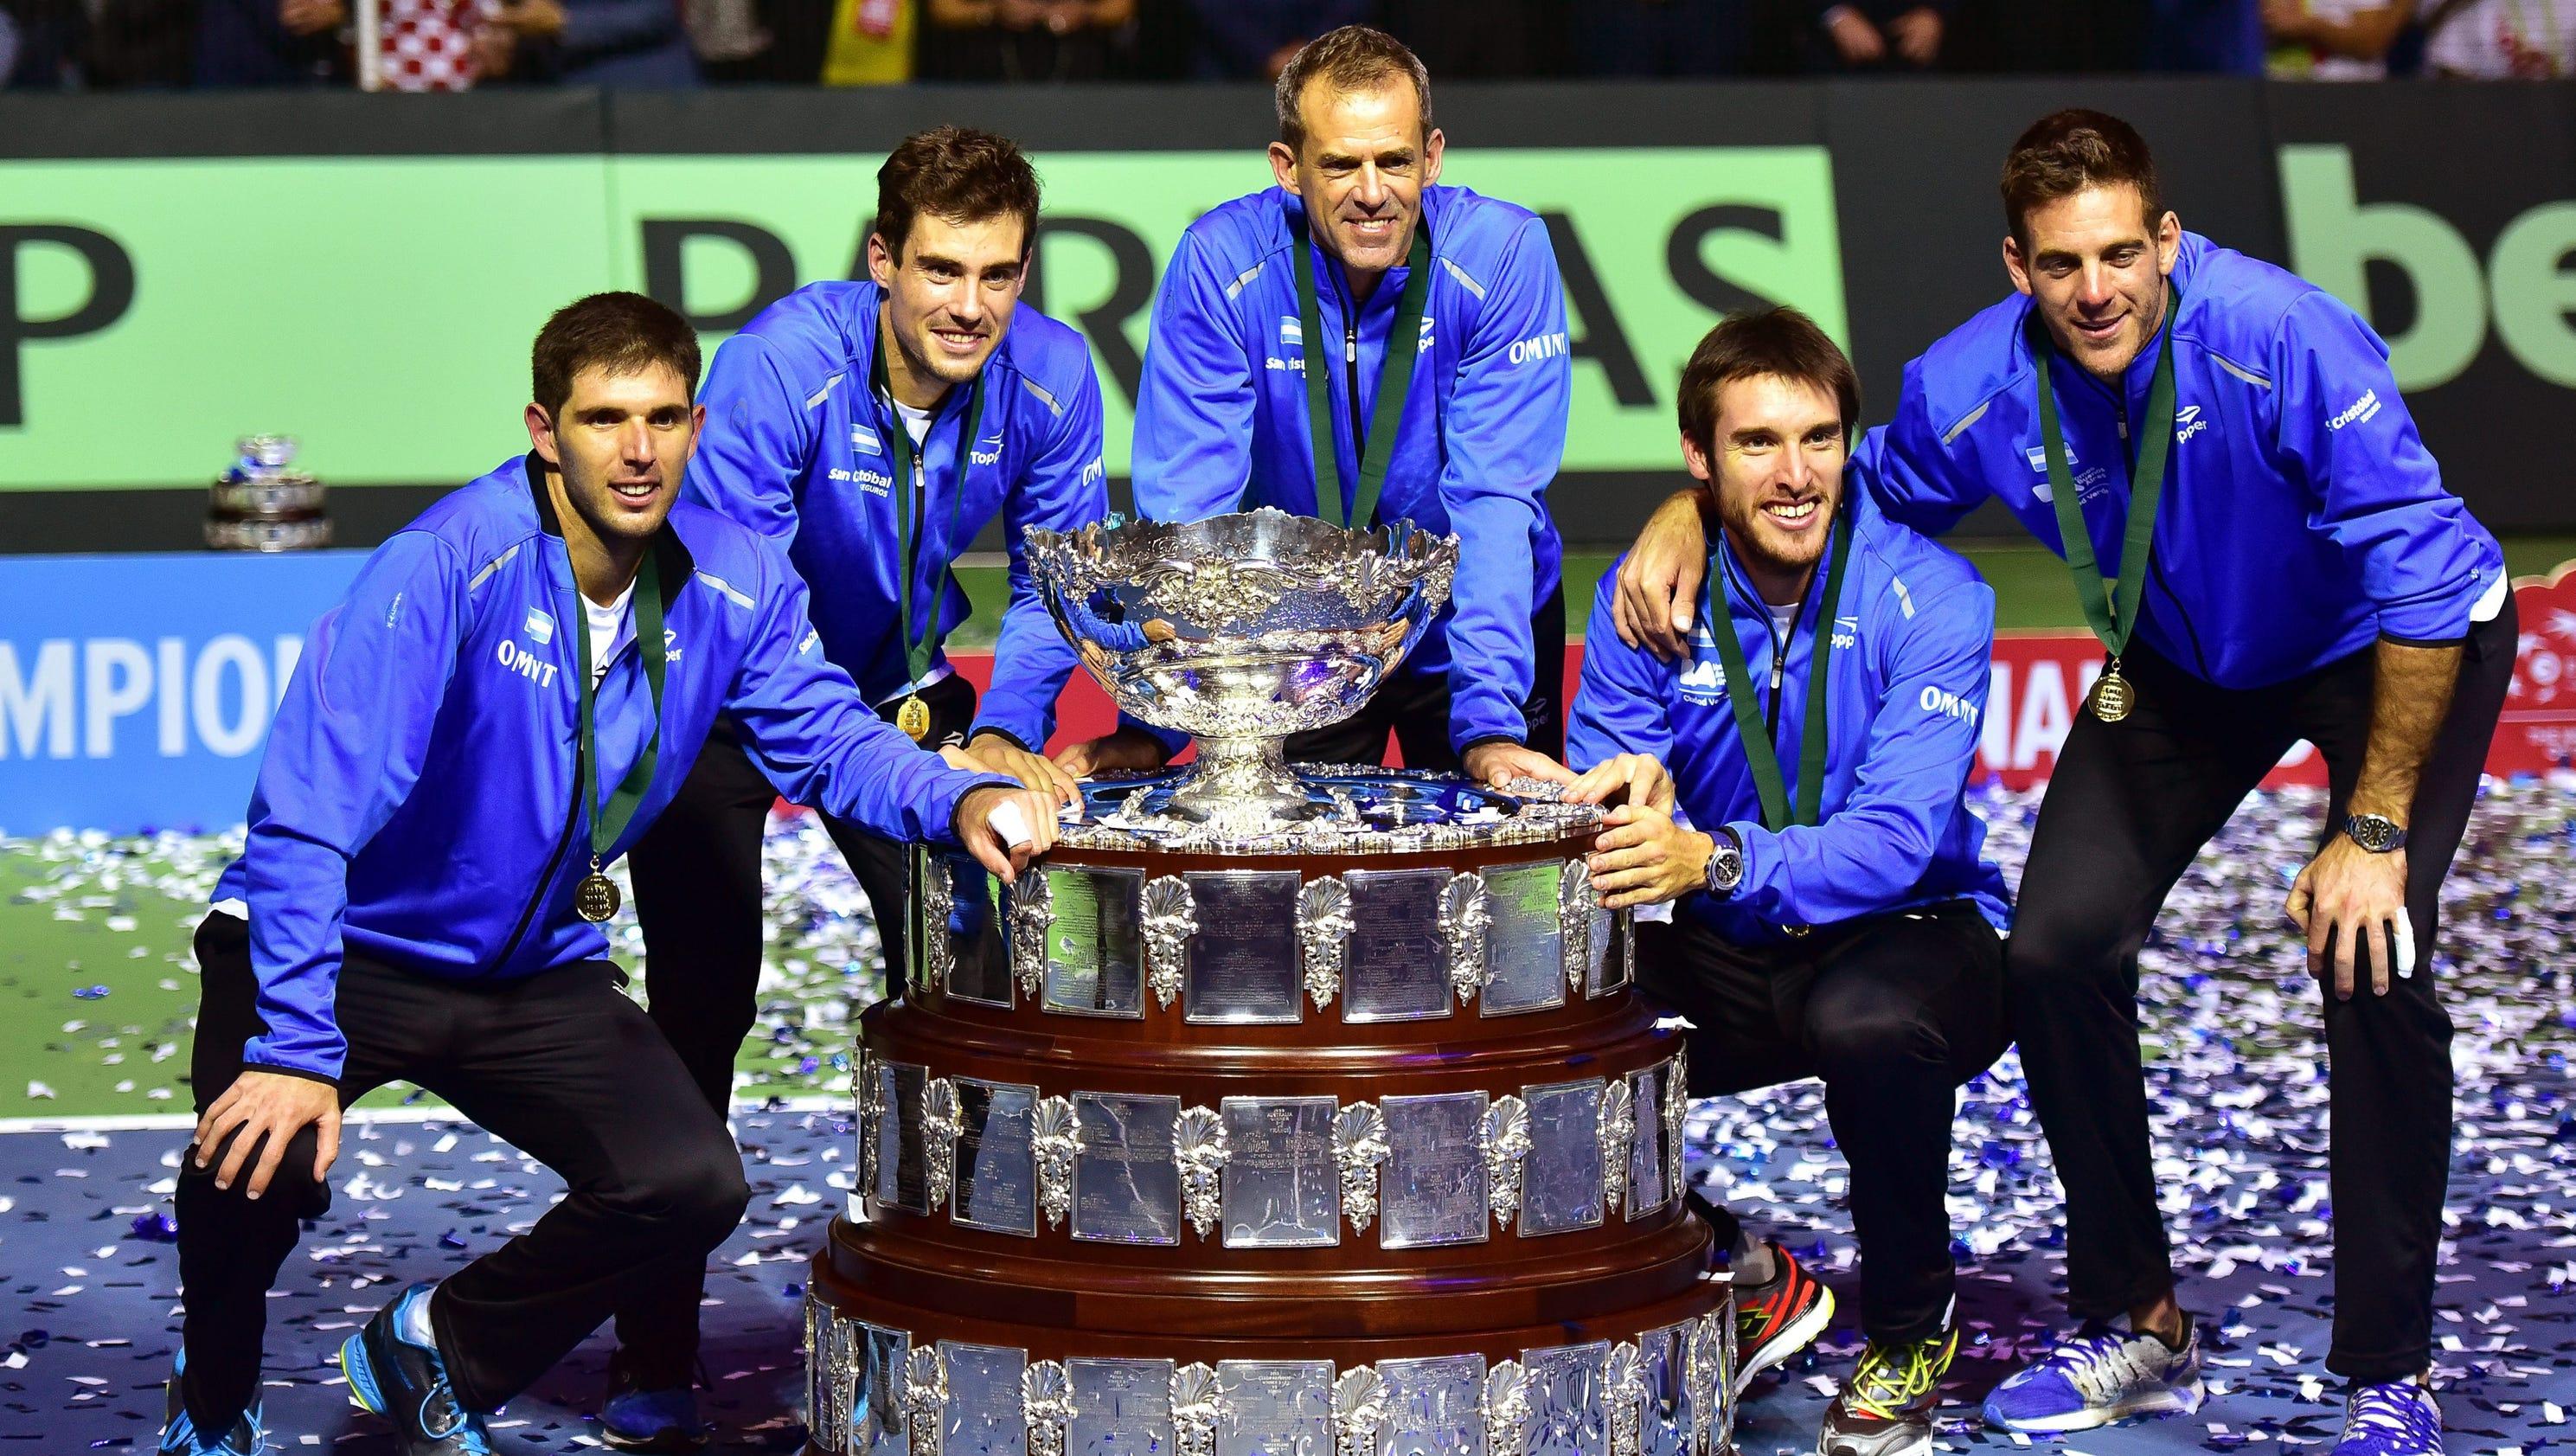 Davis Cup übertragung Im Fernsehen